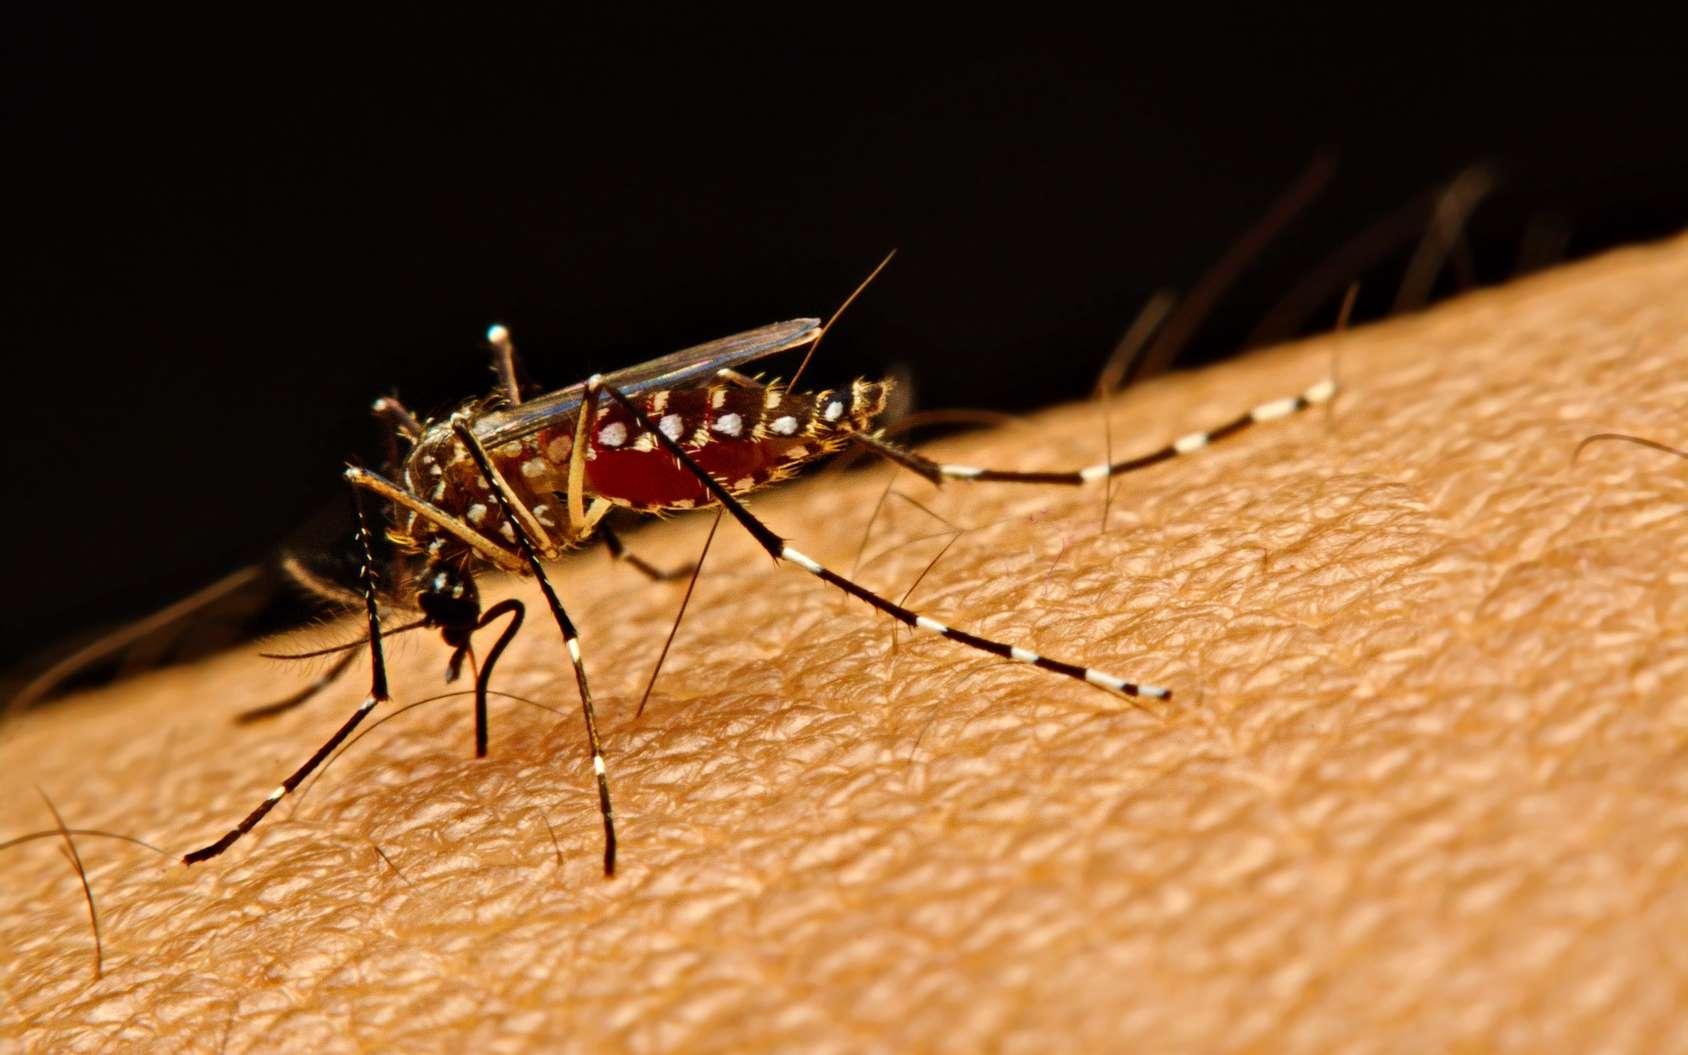 La dengue et le Zika sont deux arbovirus transmis par le même moustique, Aedes aegypti. © kasira698, Fotolia